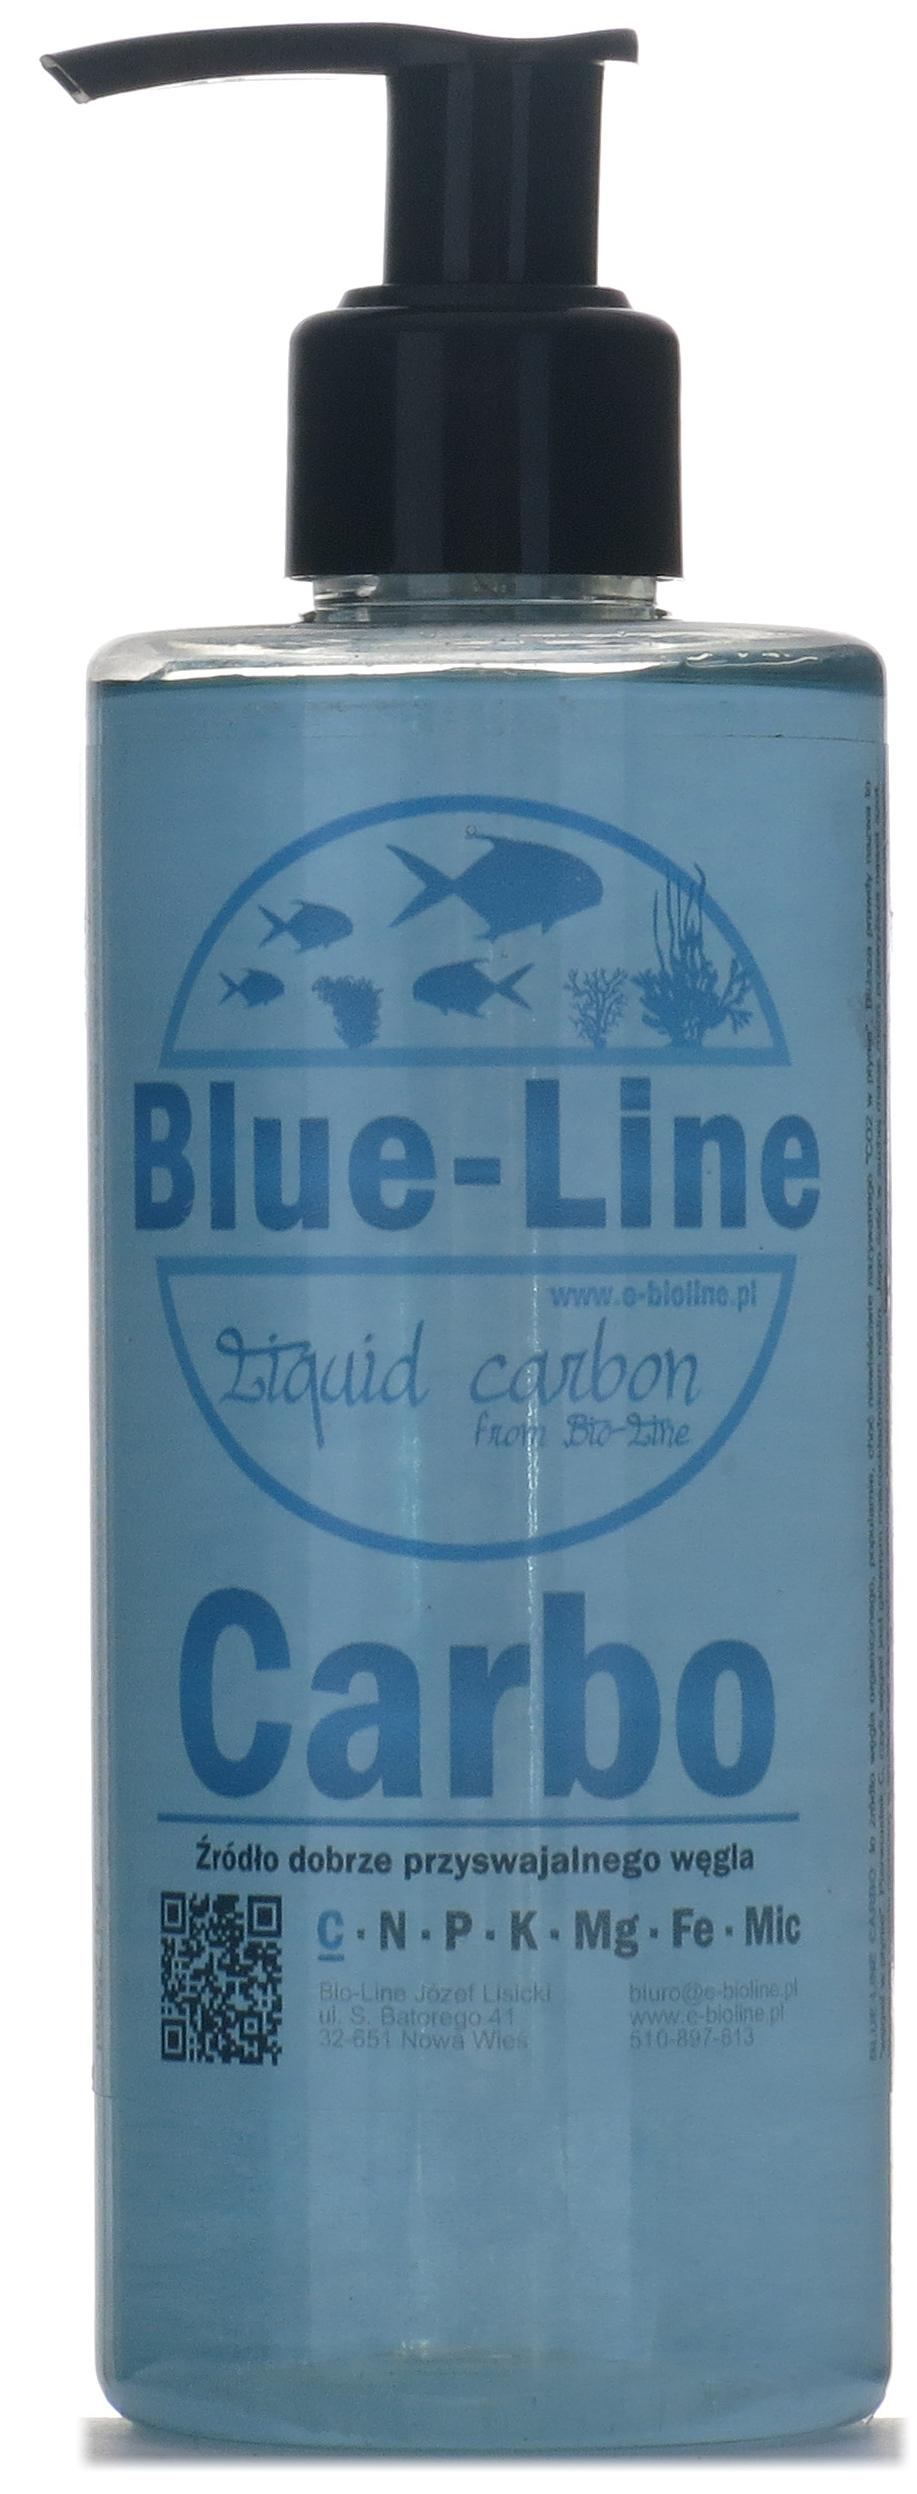 Blue-Line Карбо уголь в жидкости эффект СО2 500 мл